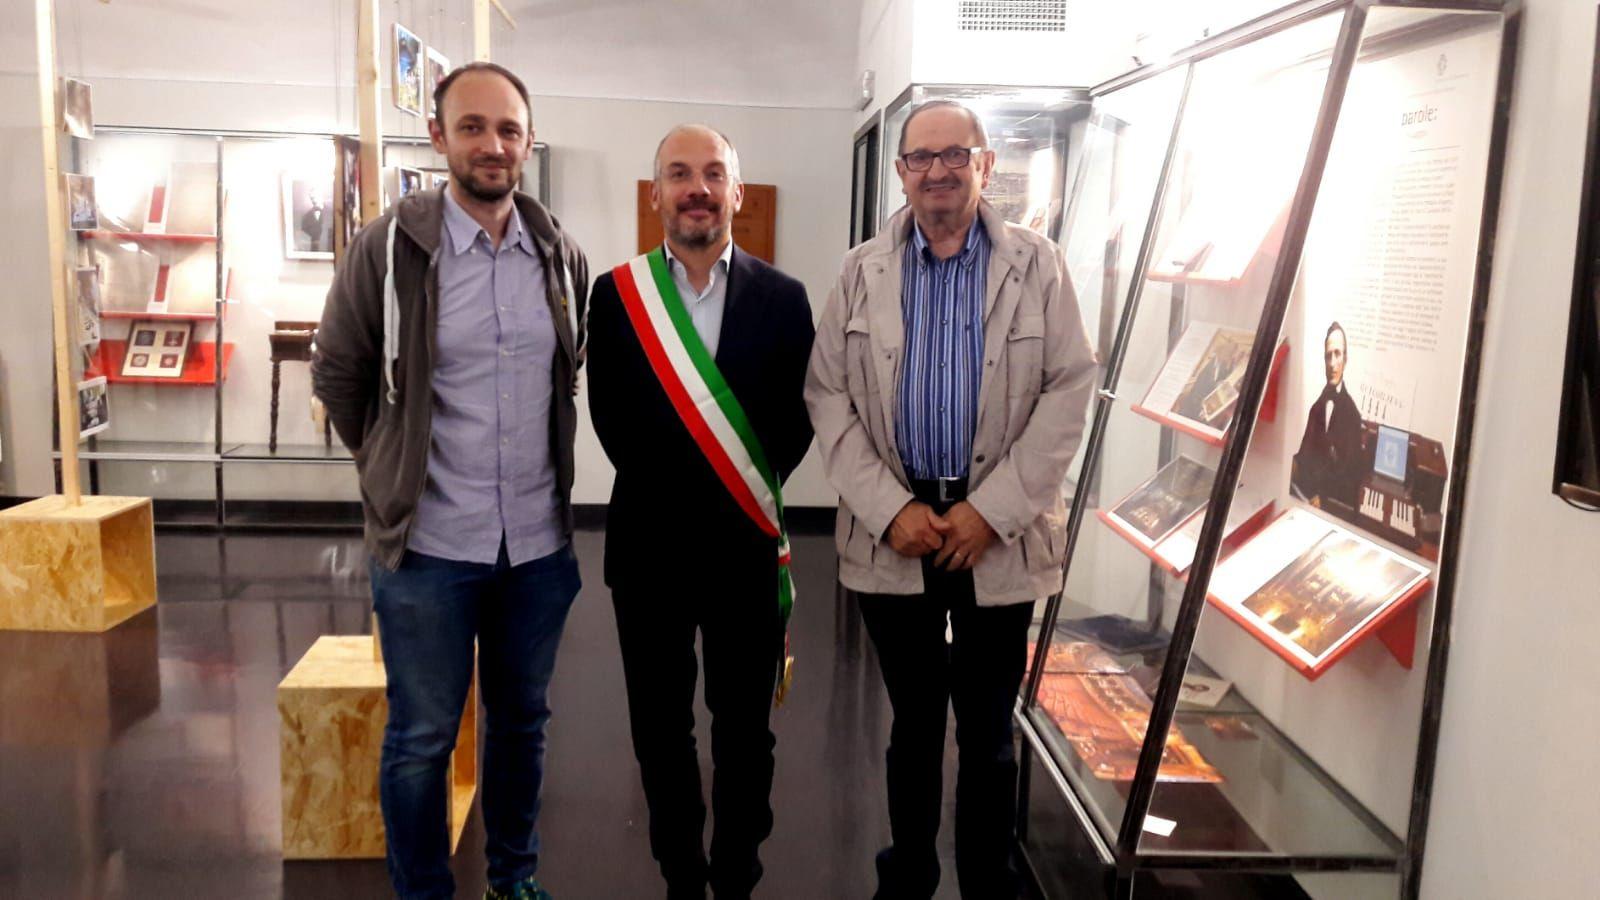 SAN GIORGIO - Il sindaco Zanusso ha scelto la via della continuità